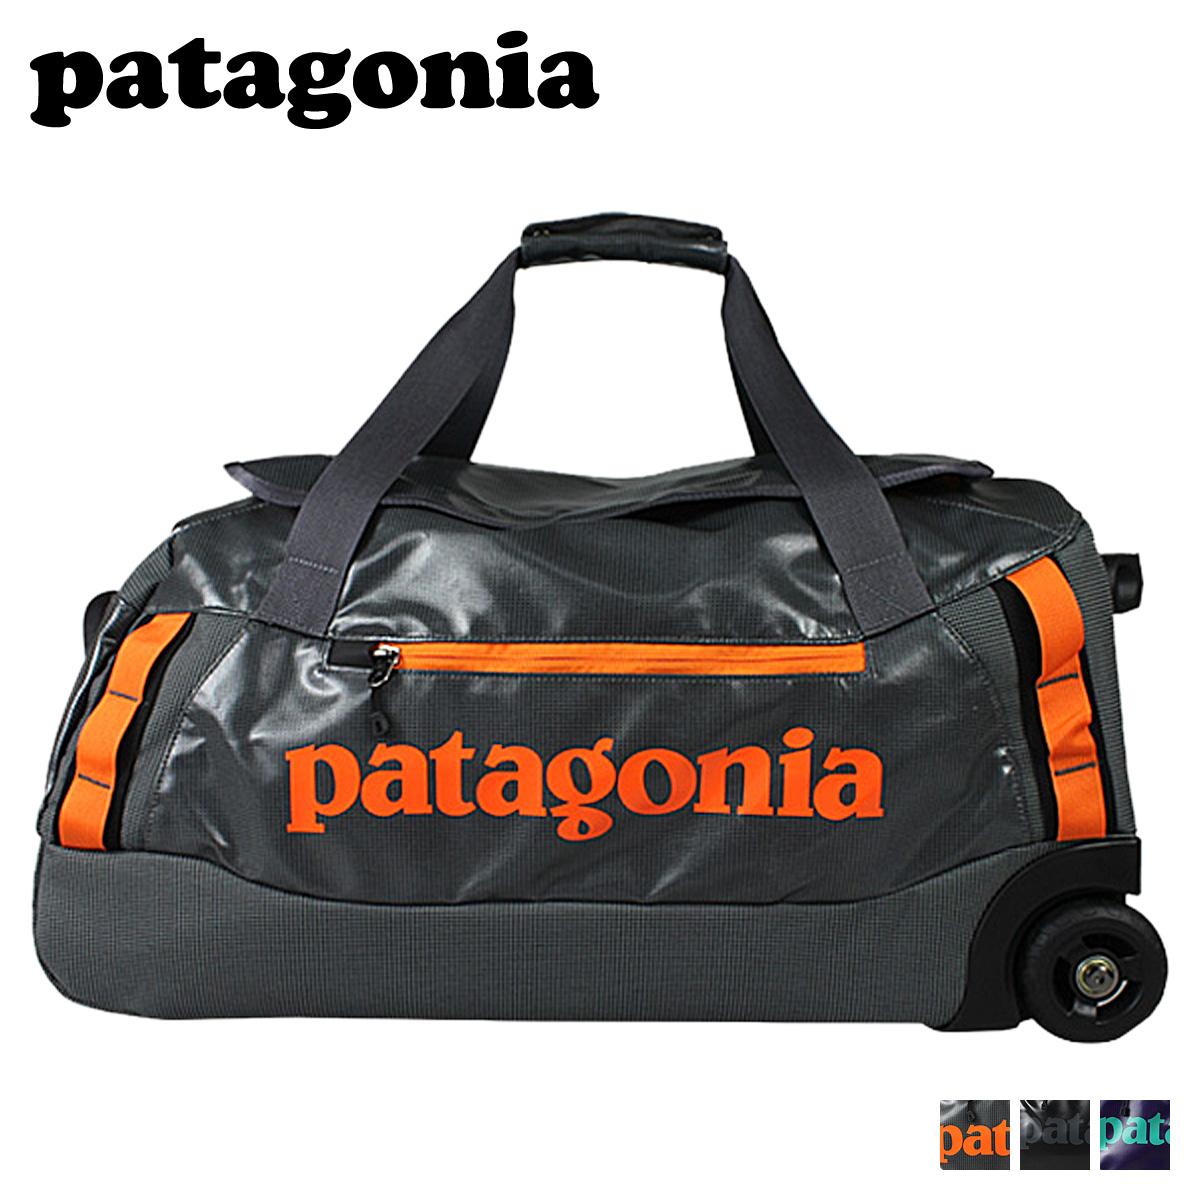 448983658 Patagonia Patagonia bags Duffle Bag carry bag BLACK HOLE WHEELED DUFFEL 45L  49,375 men women ...